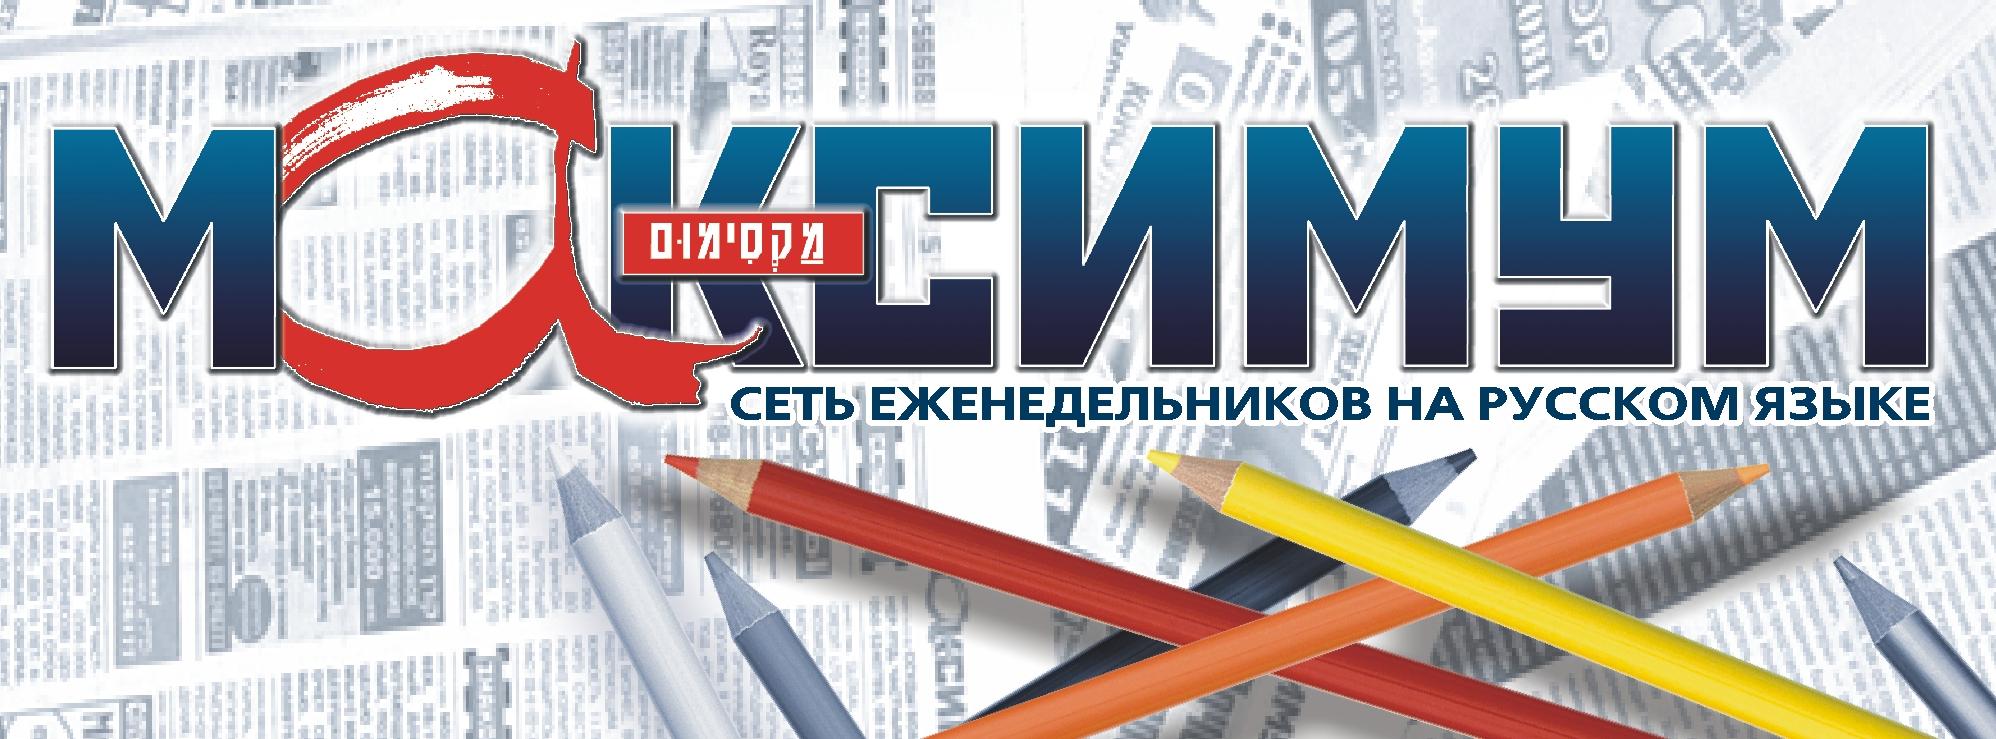 Banner Maximium Facebook